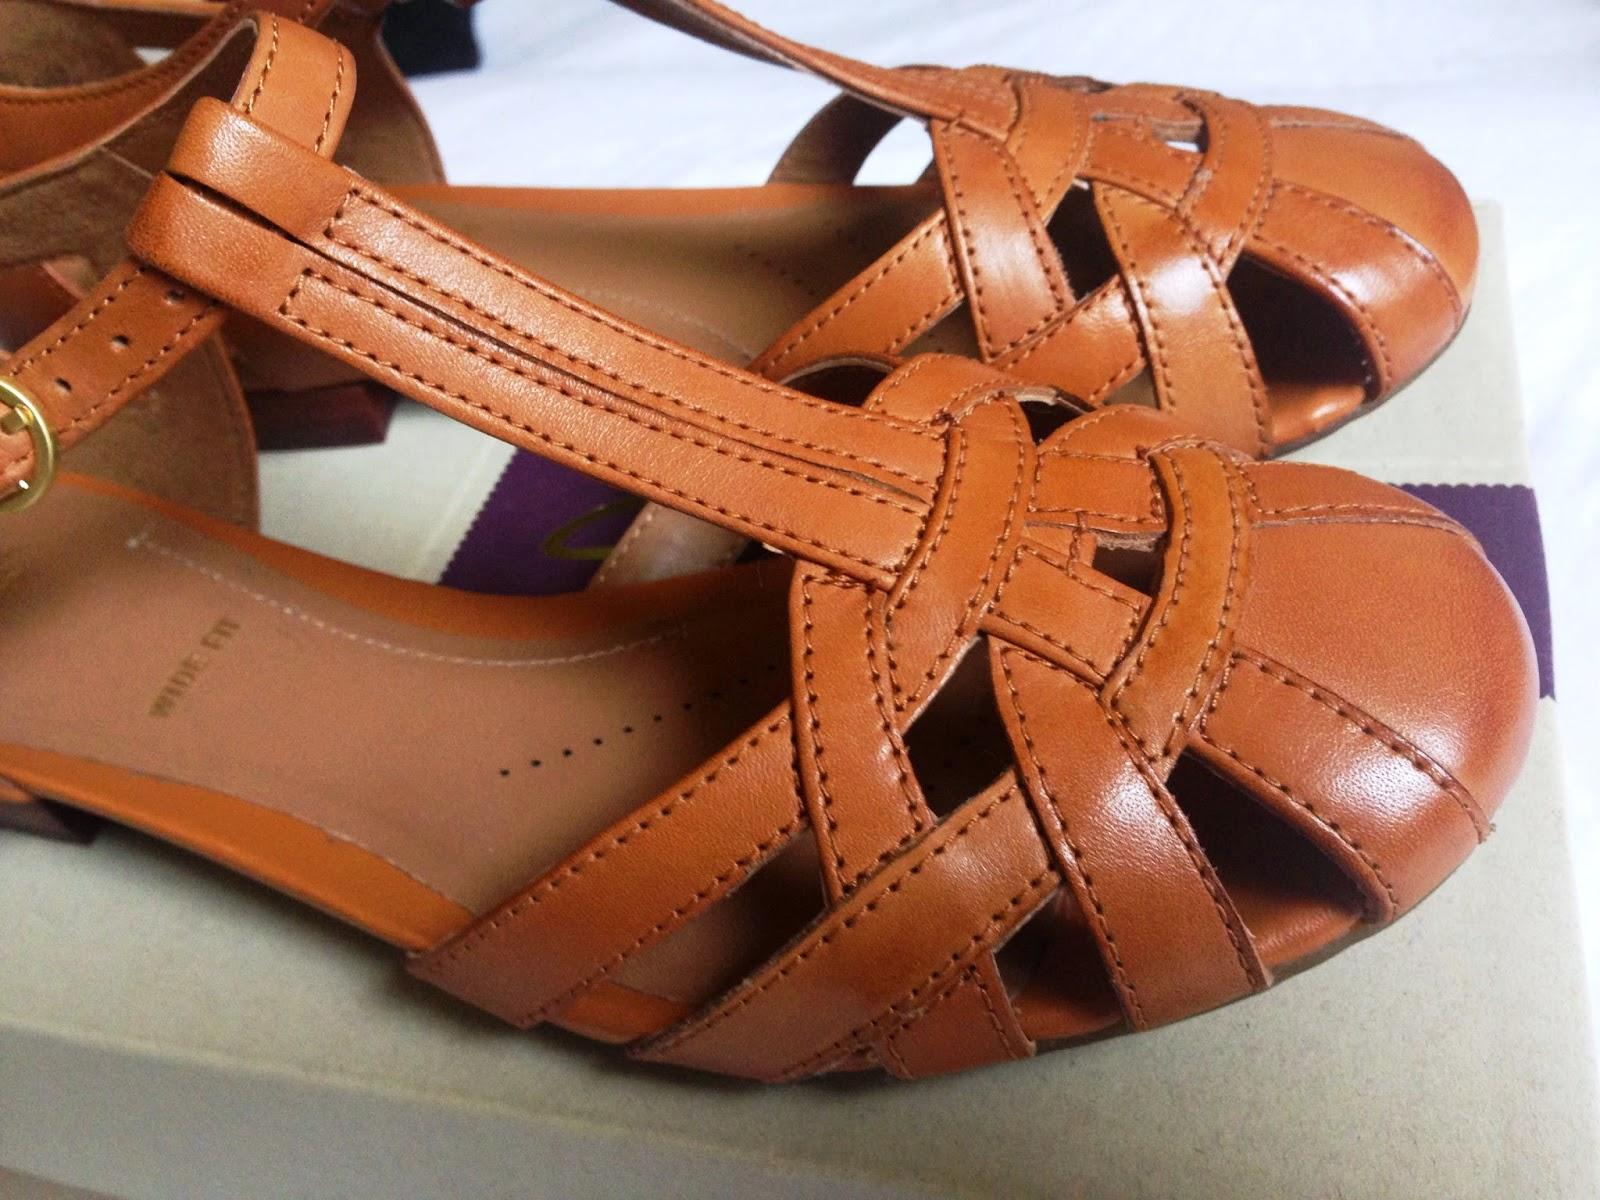 02b7171105af clarks sandals sale womens orange